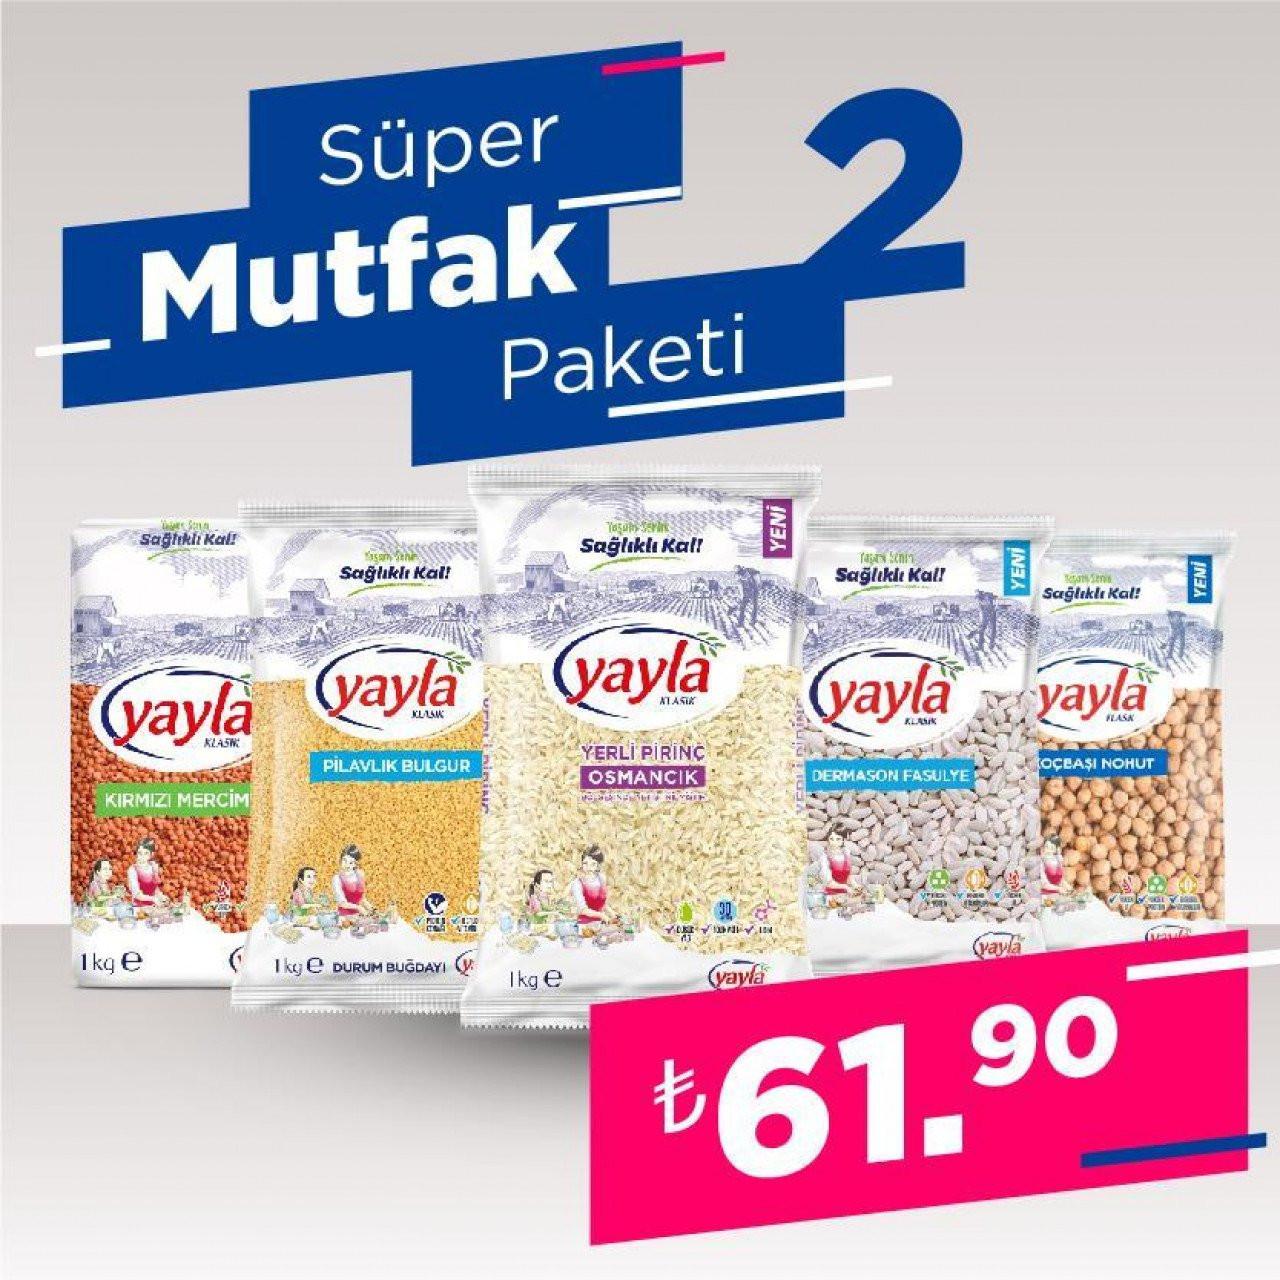 Süper Mutfak Paketi - 2